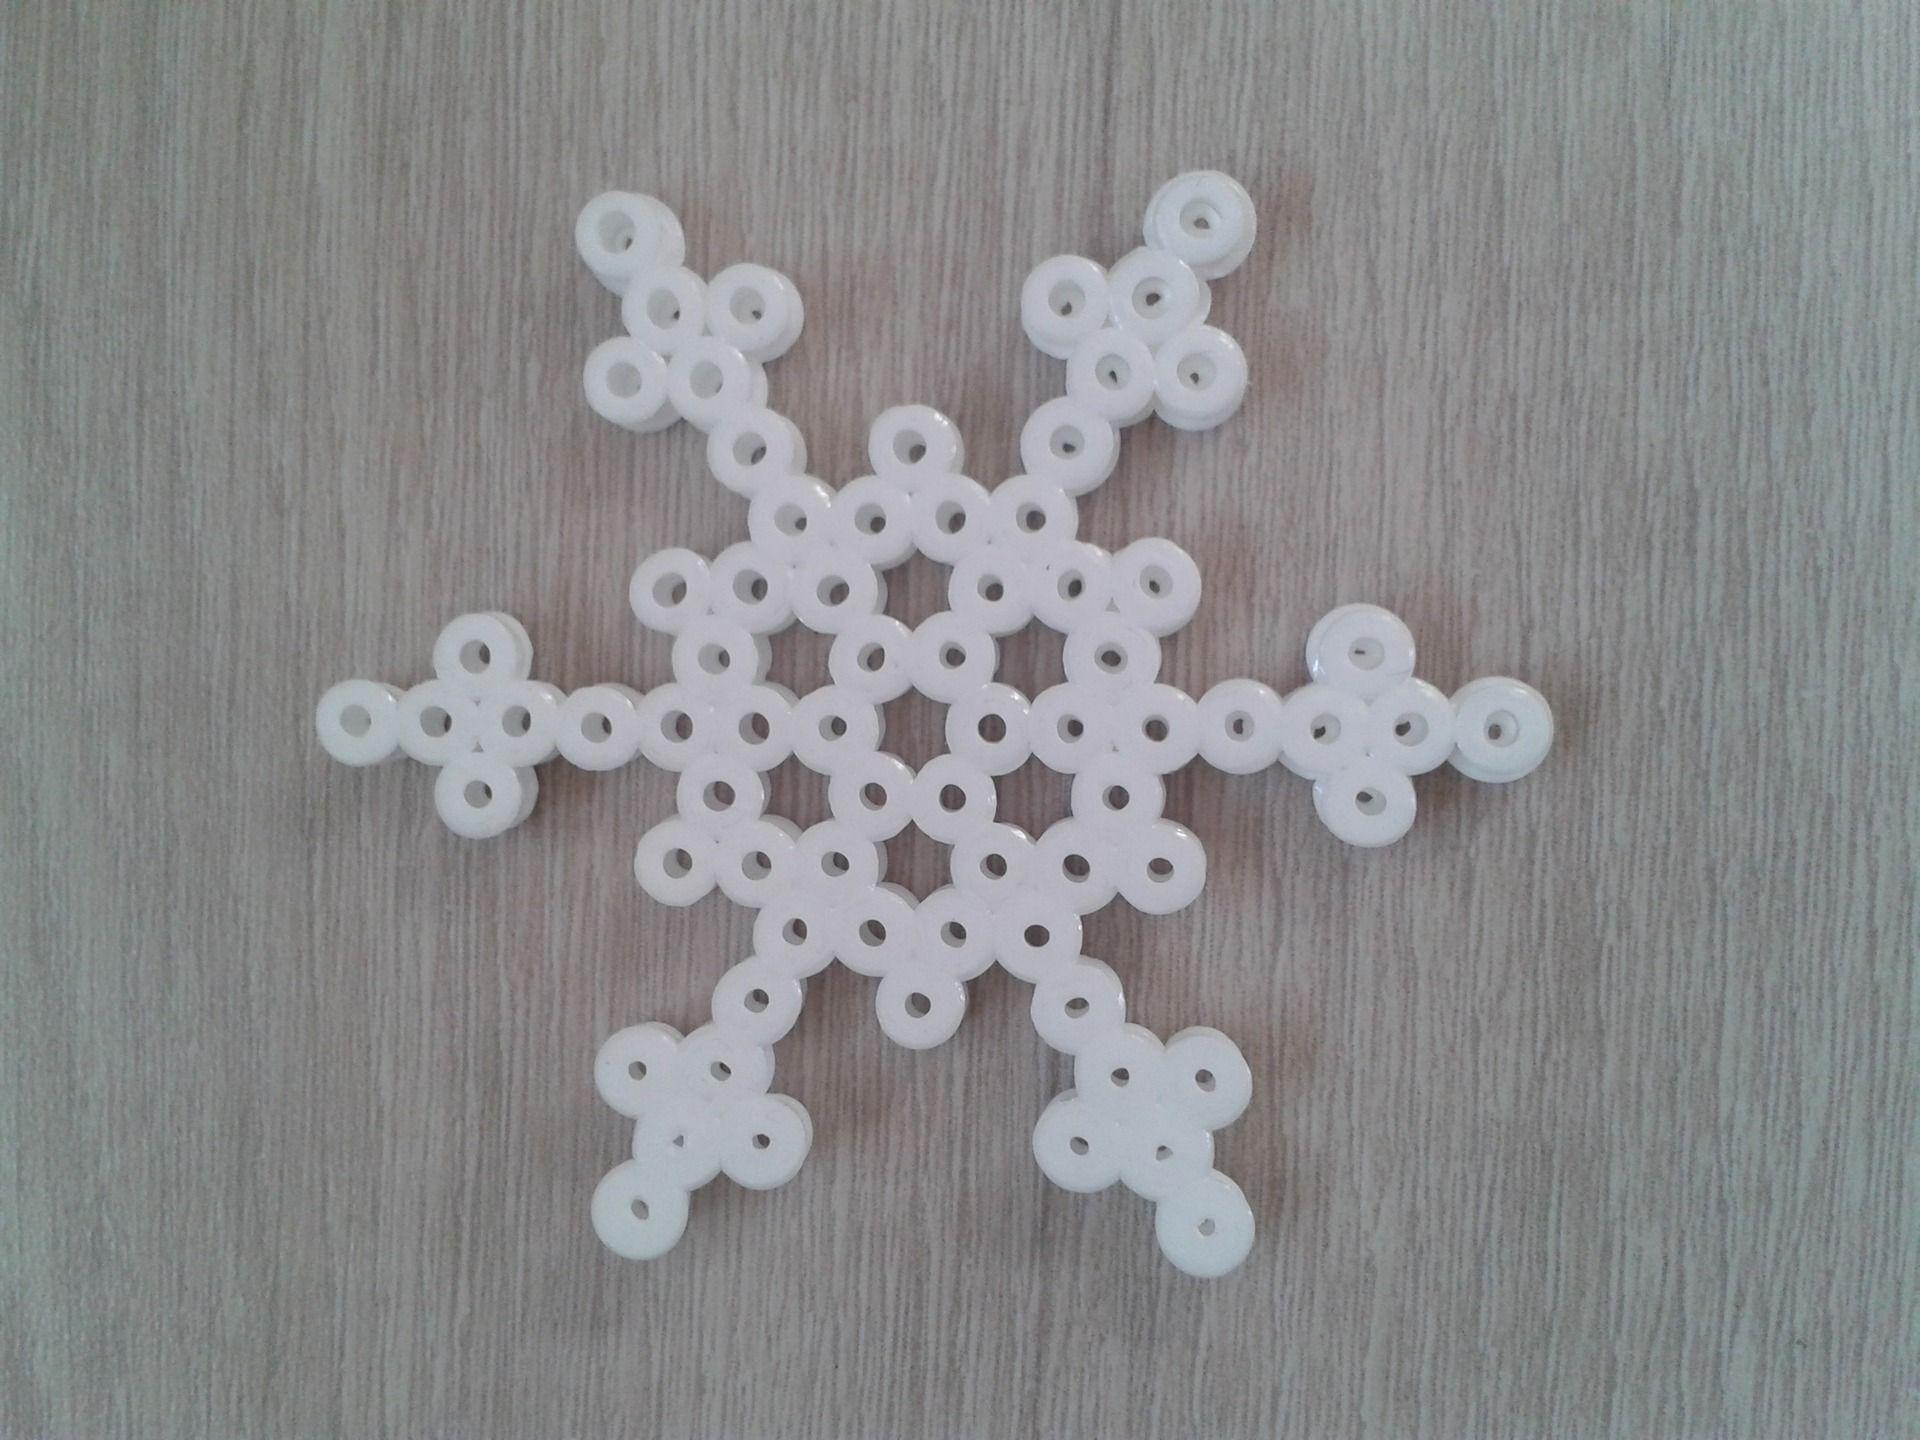 D coration de no l en perle hama en forme de flocon de neige 2 flocons de neige perles hama - Perle a repasser noel ...